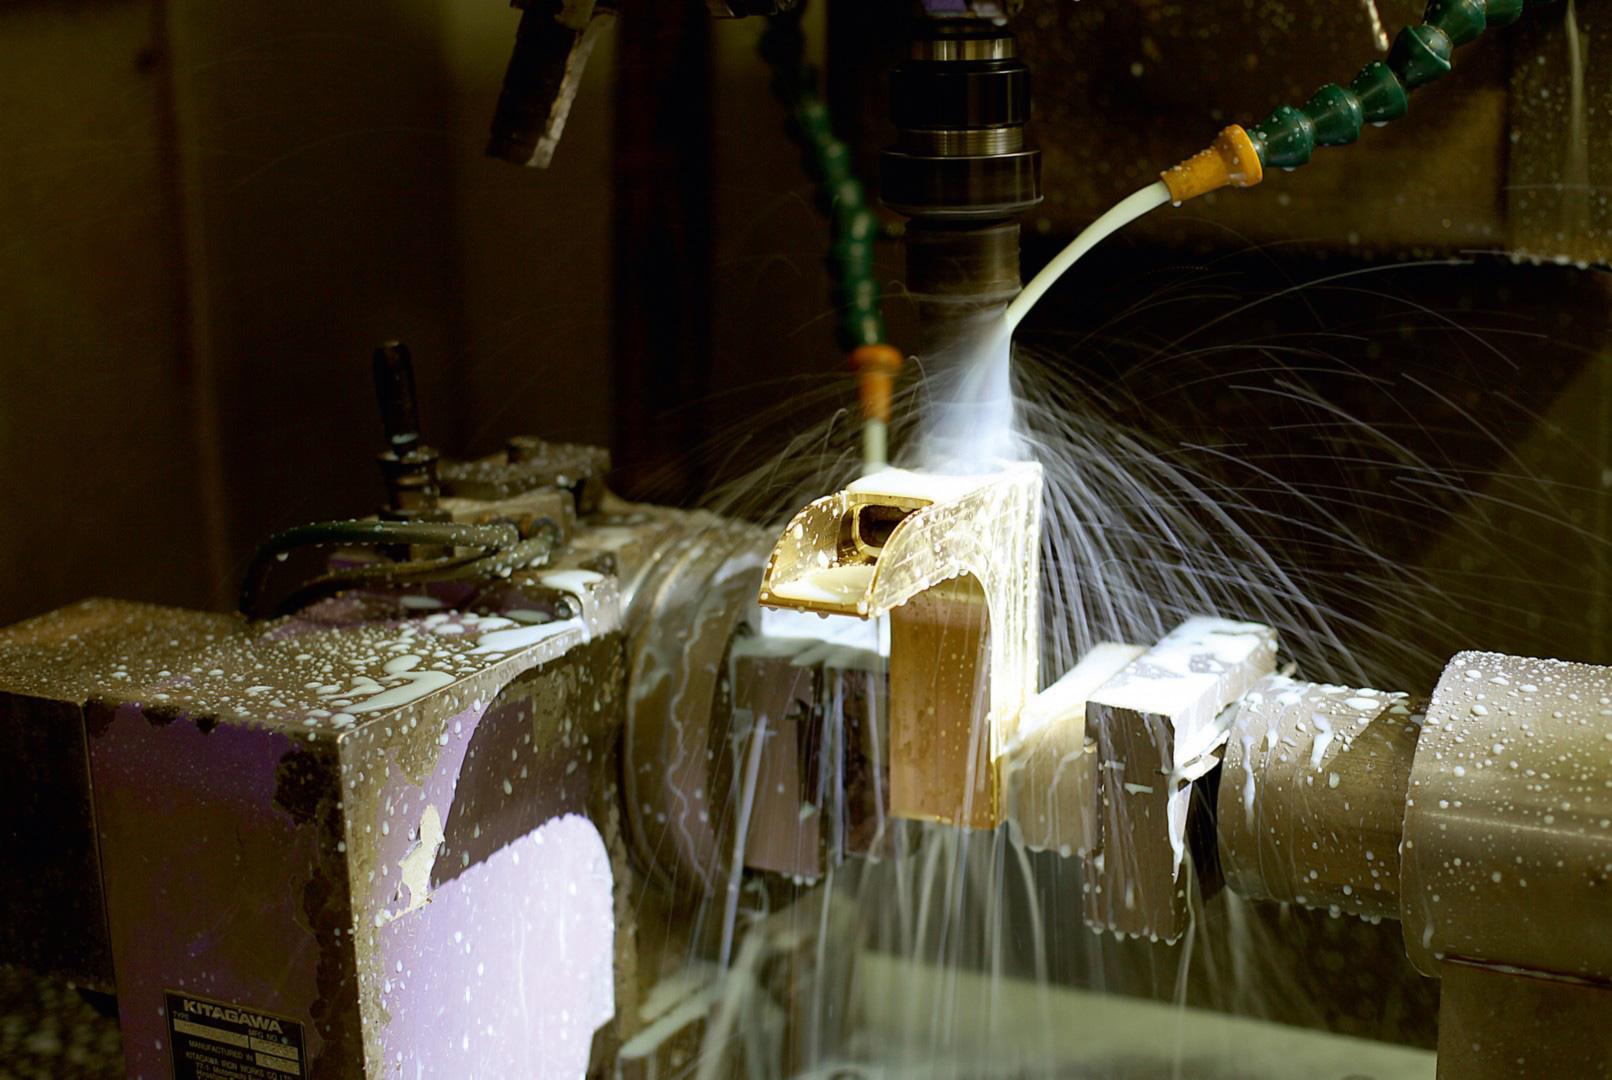 Full Size of Niederdruck Armatur Küche Bauhaus Holz Modern Landhaus Unterschränke Singleküche Günstig Mit Elektrogeräten Landhausstil Geräten Modulküche Wohnzimmer Niederdruck Armatur Küche Bauhaus